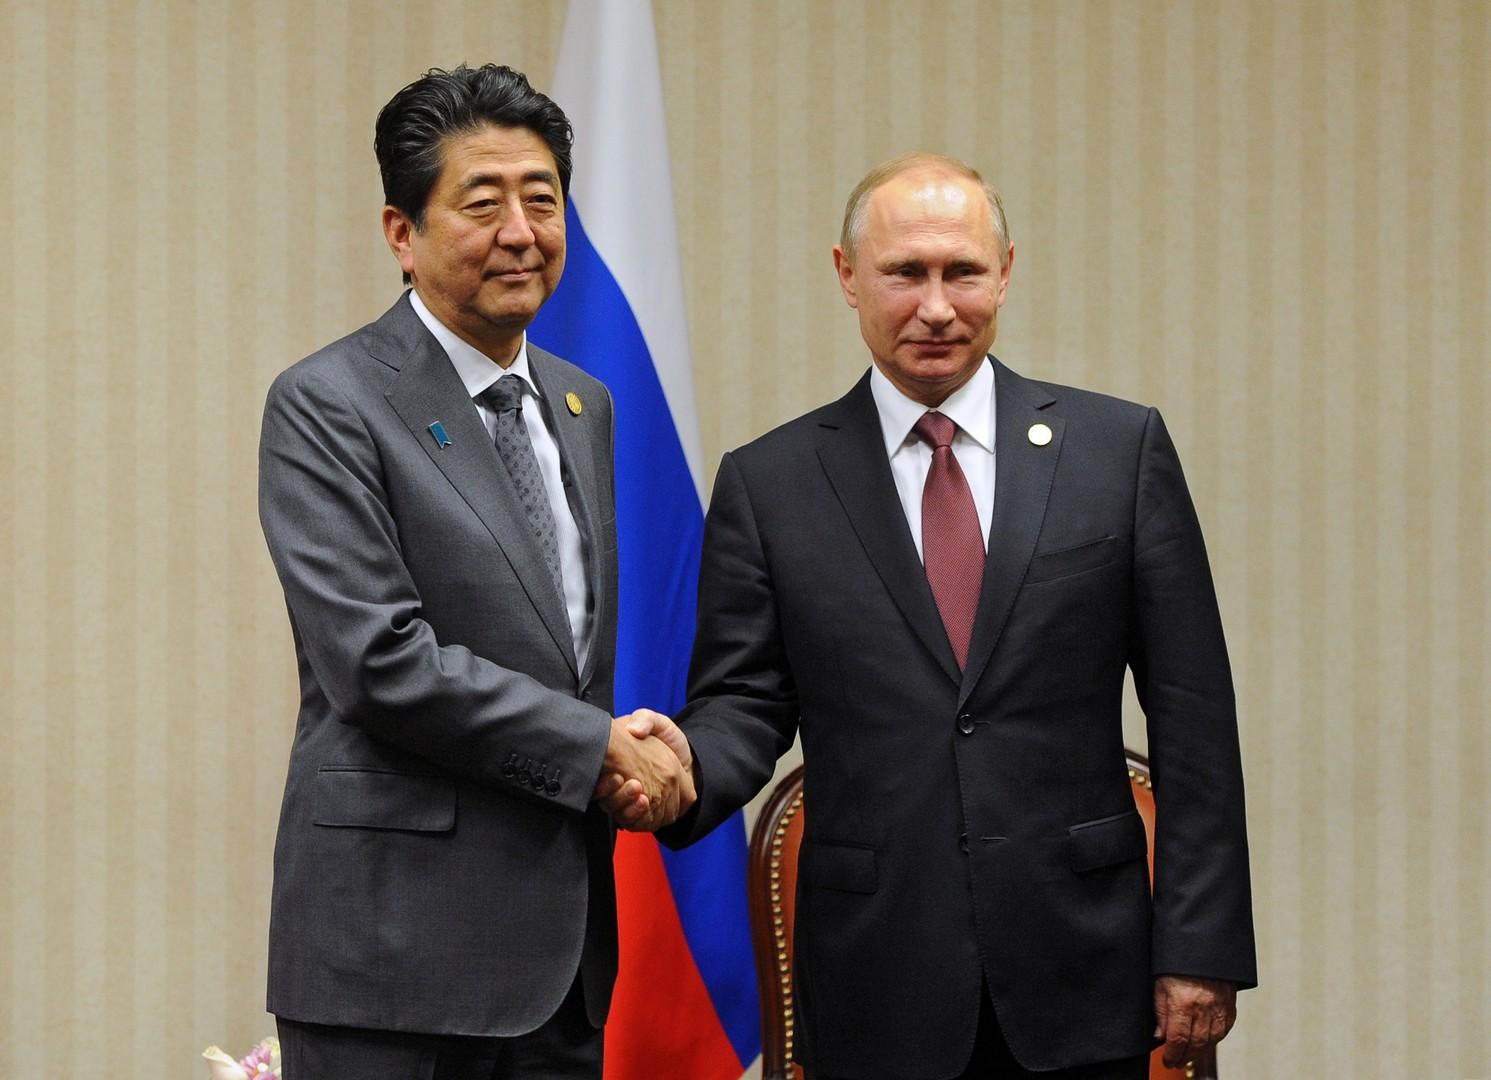 «Примем как дорогого гостя»: премьер-министр Японии о предстоящем визите Путина